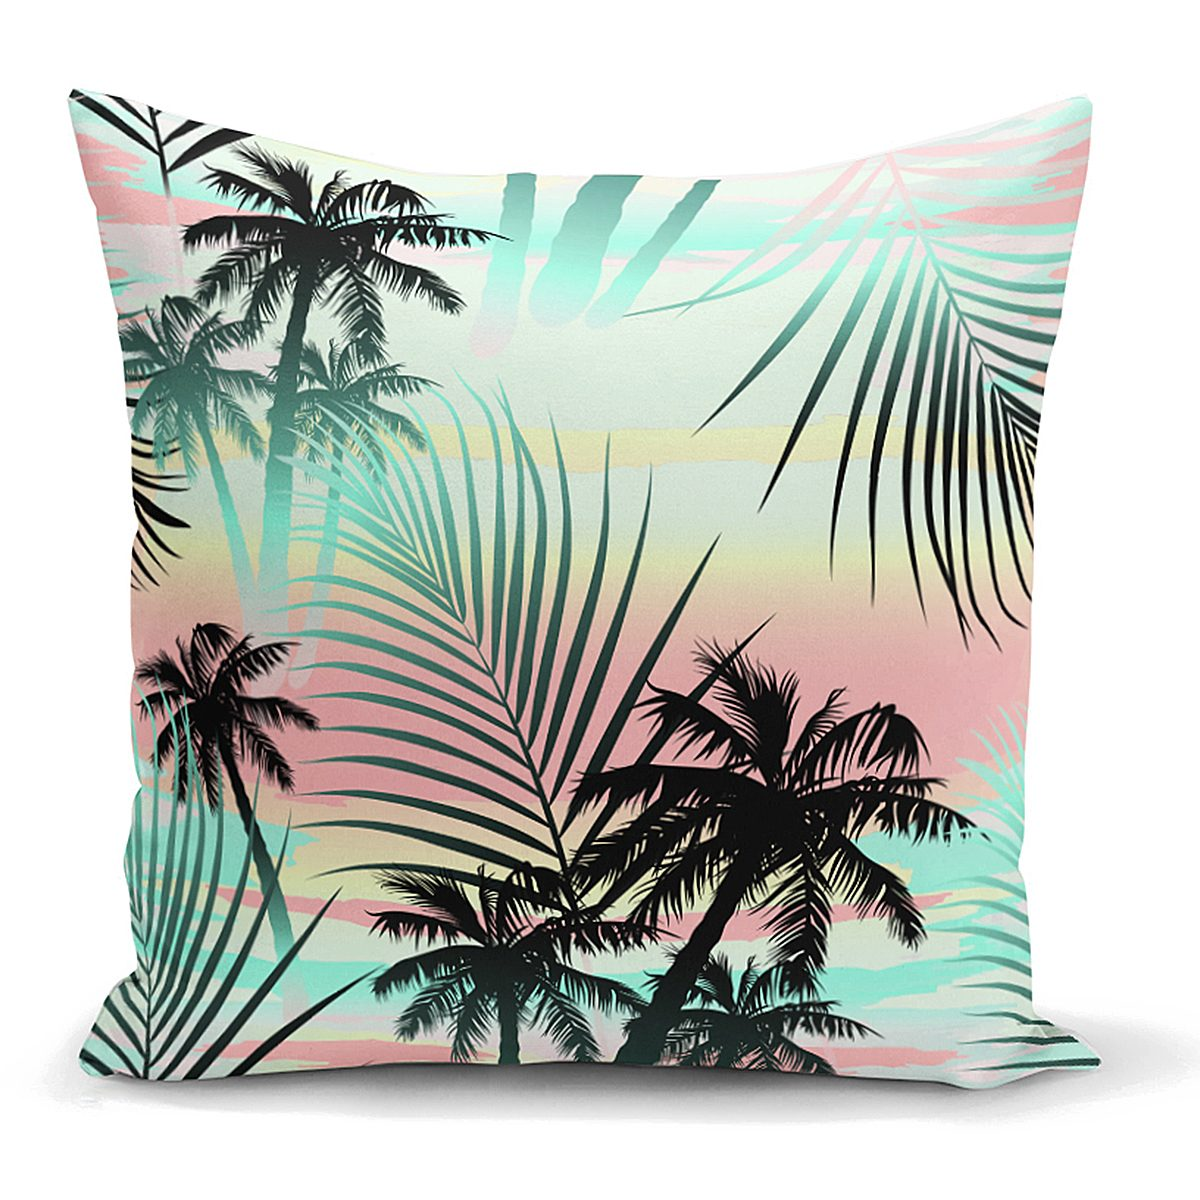 Livense Palmiye Yaprakları Özel Tasarım Yastık Kırlent Kılıfı Realhomes